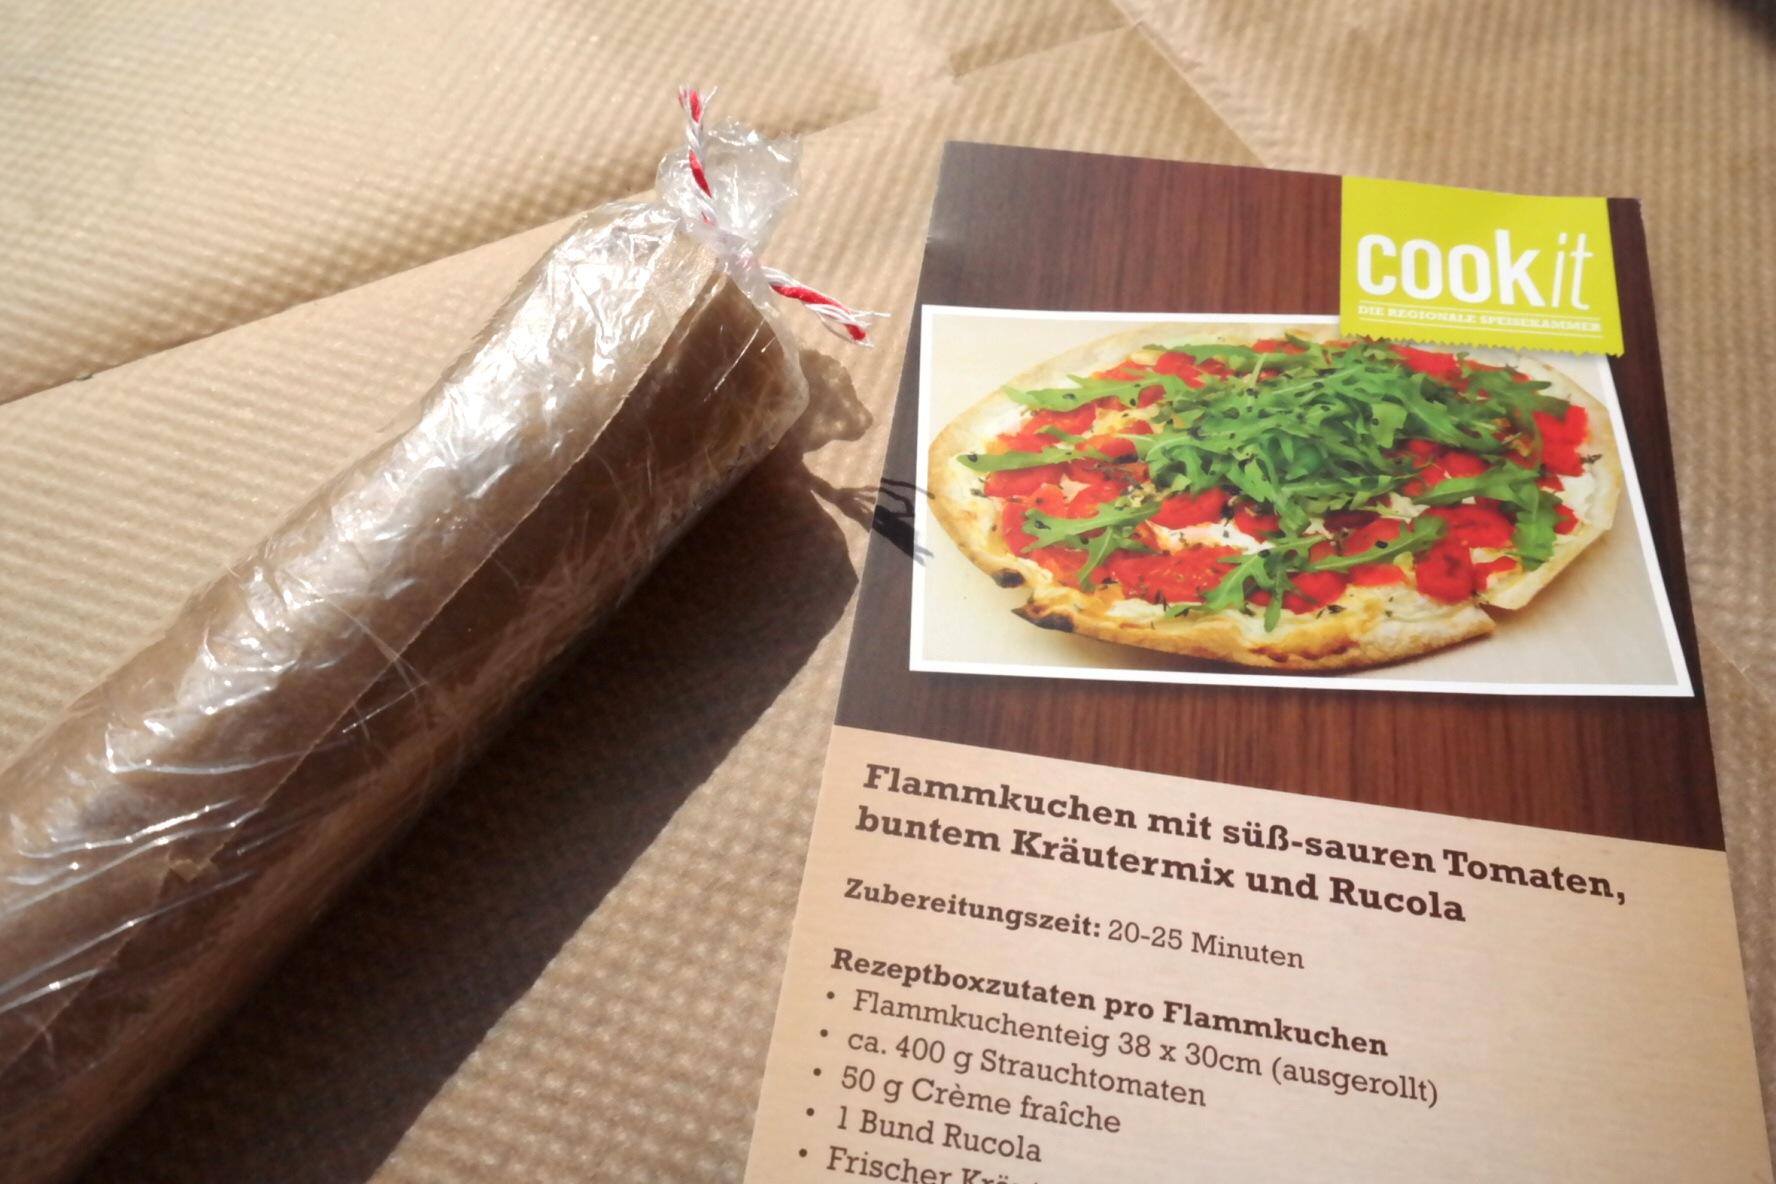 Mein erster *fast* homemade Flammkuchen // Von Cookit vom Markplatz in Bonn #nomnom